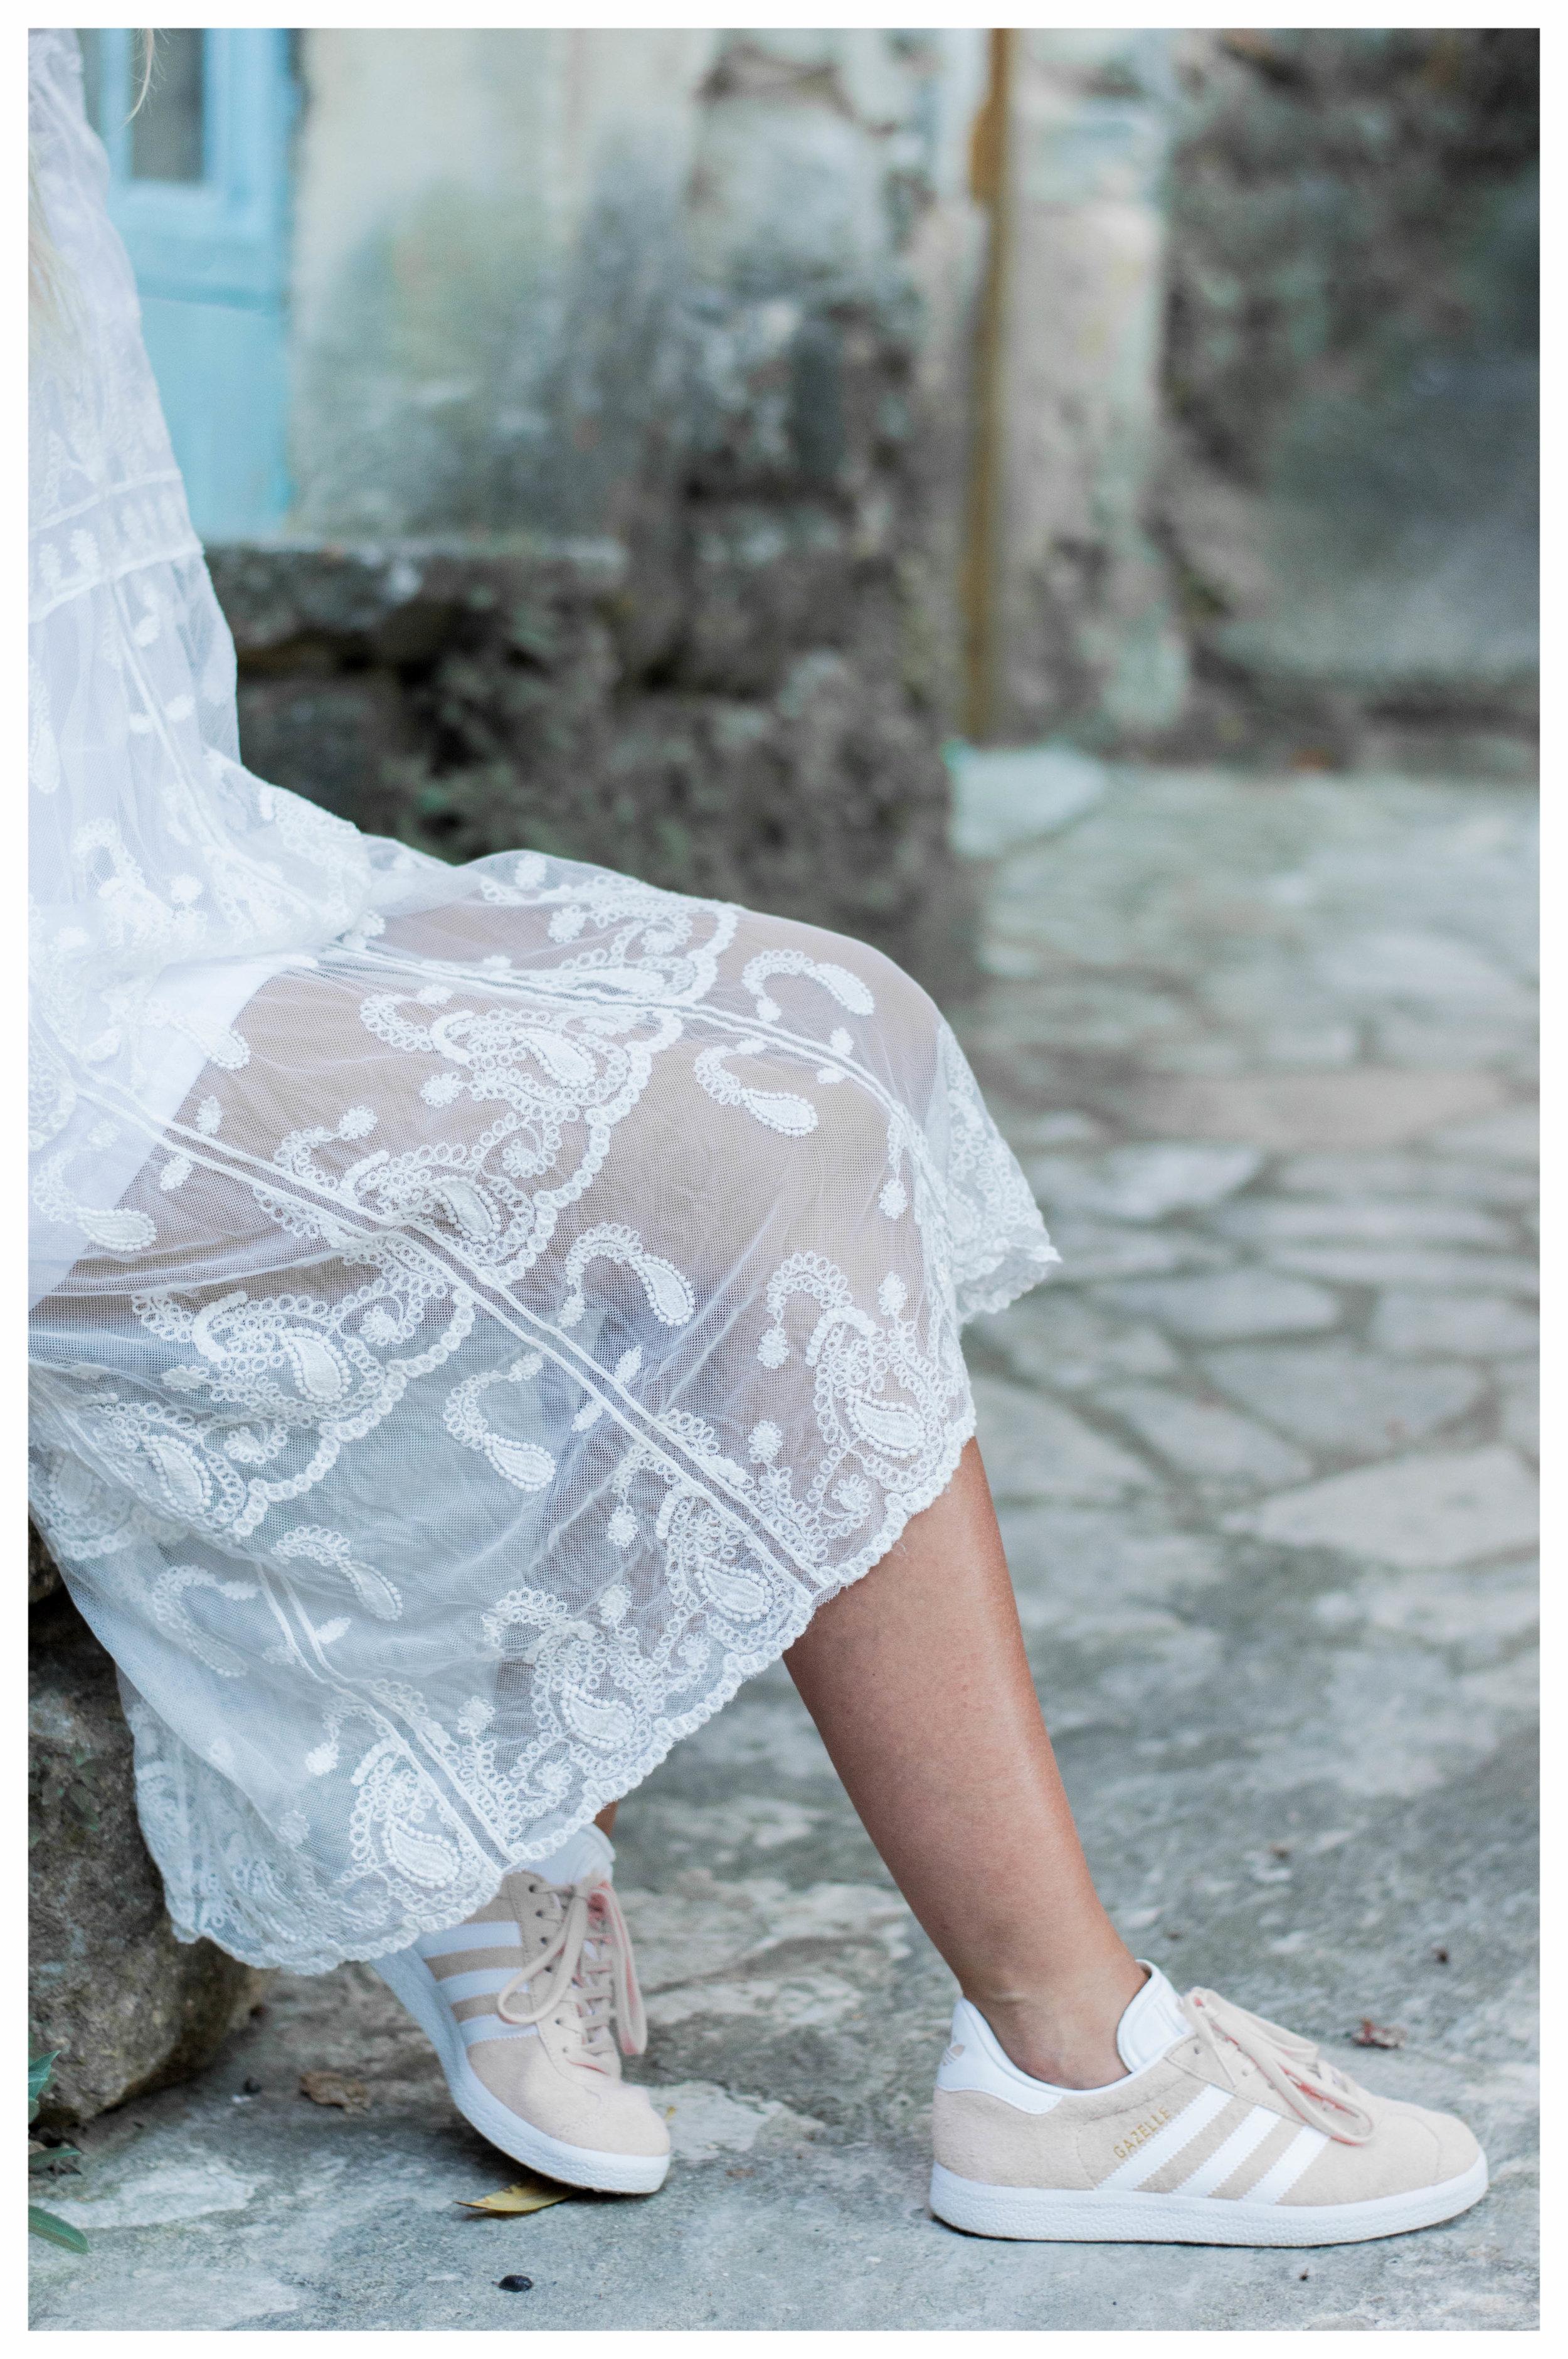 Cornillon White Dress June - OSIARAH.COM (18 of 27).jpg